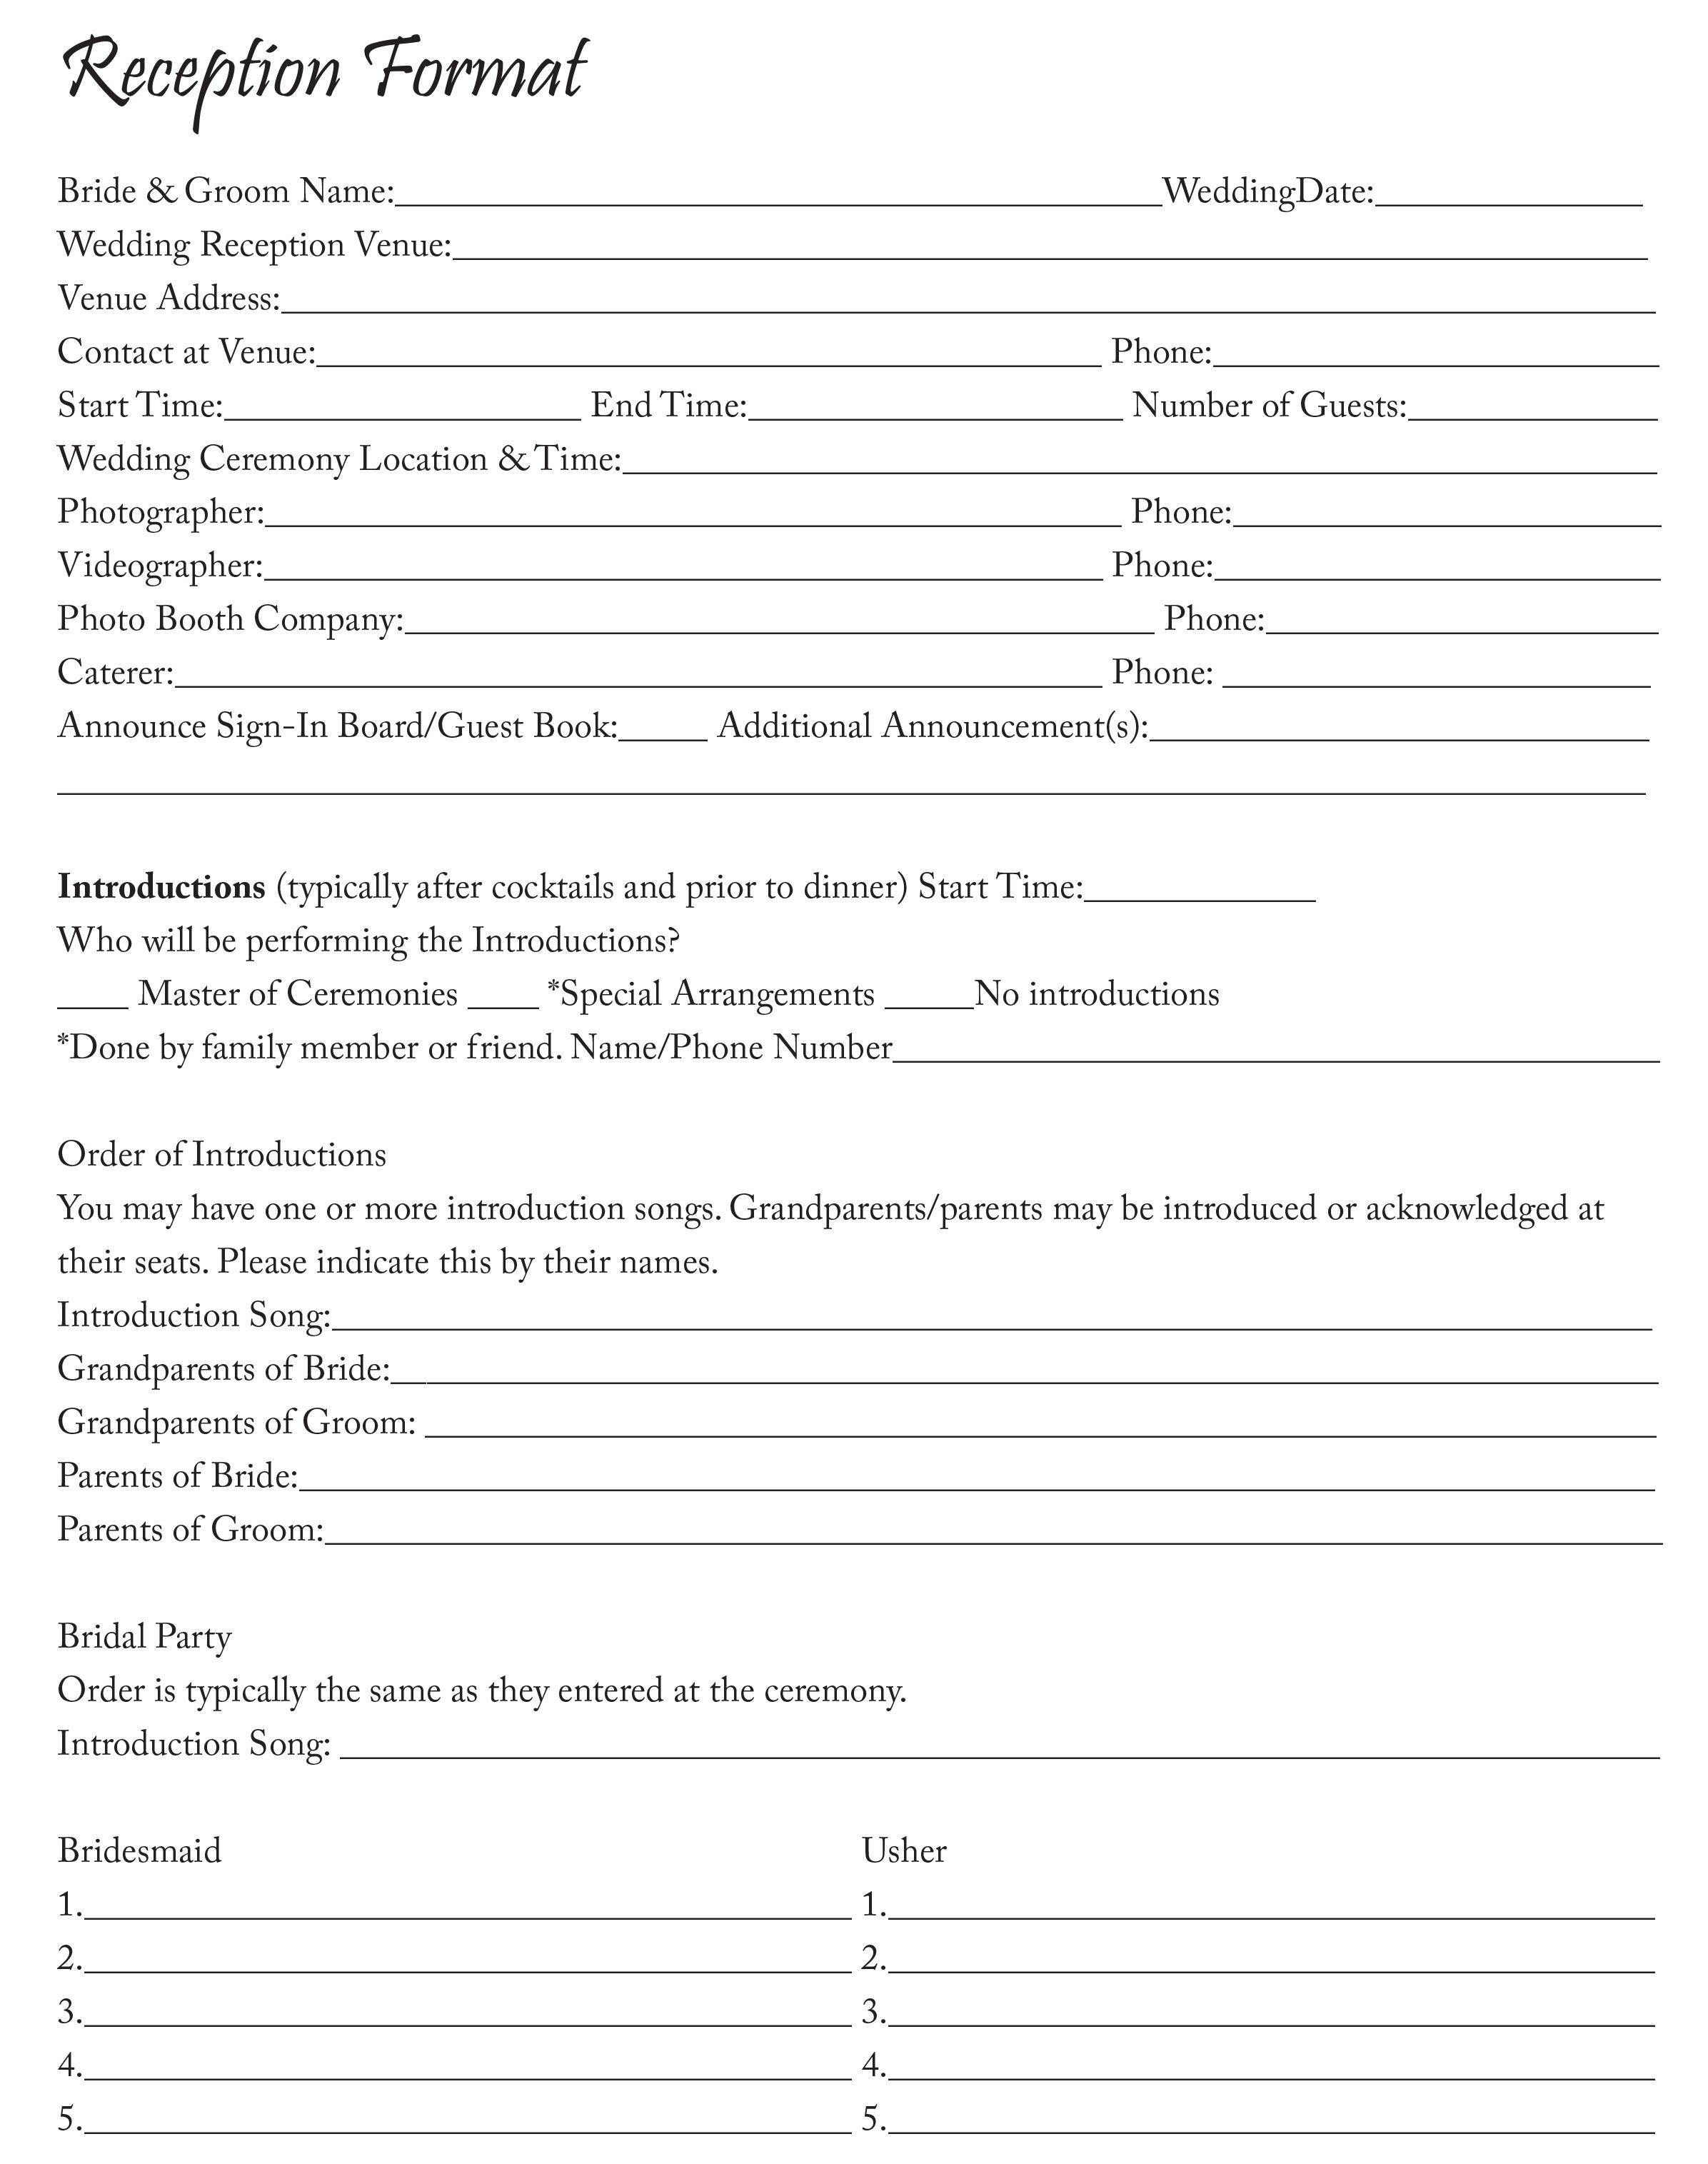 Reception Format Sheet